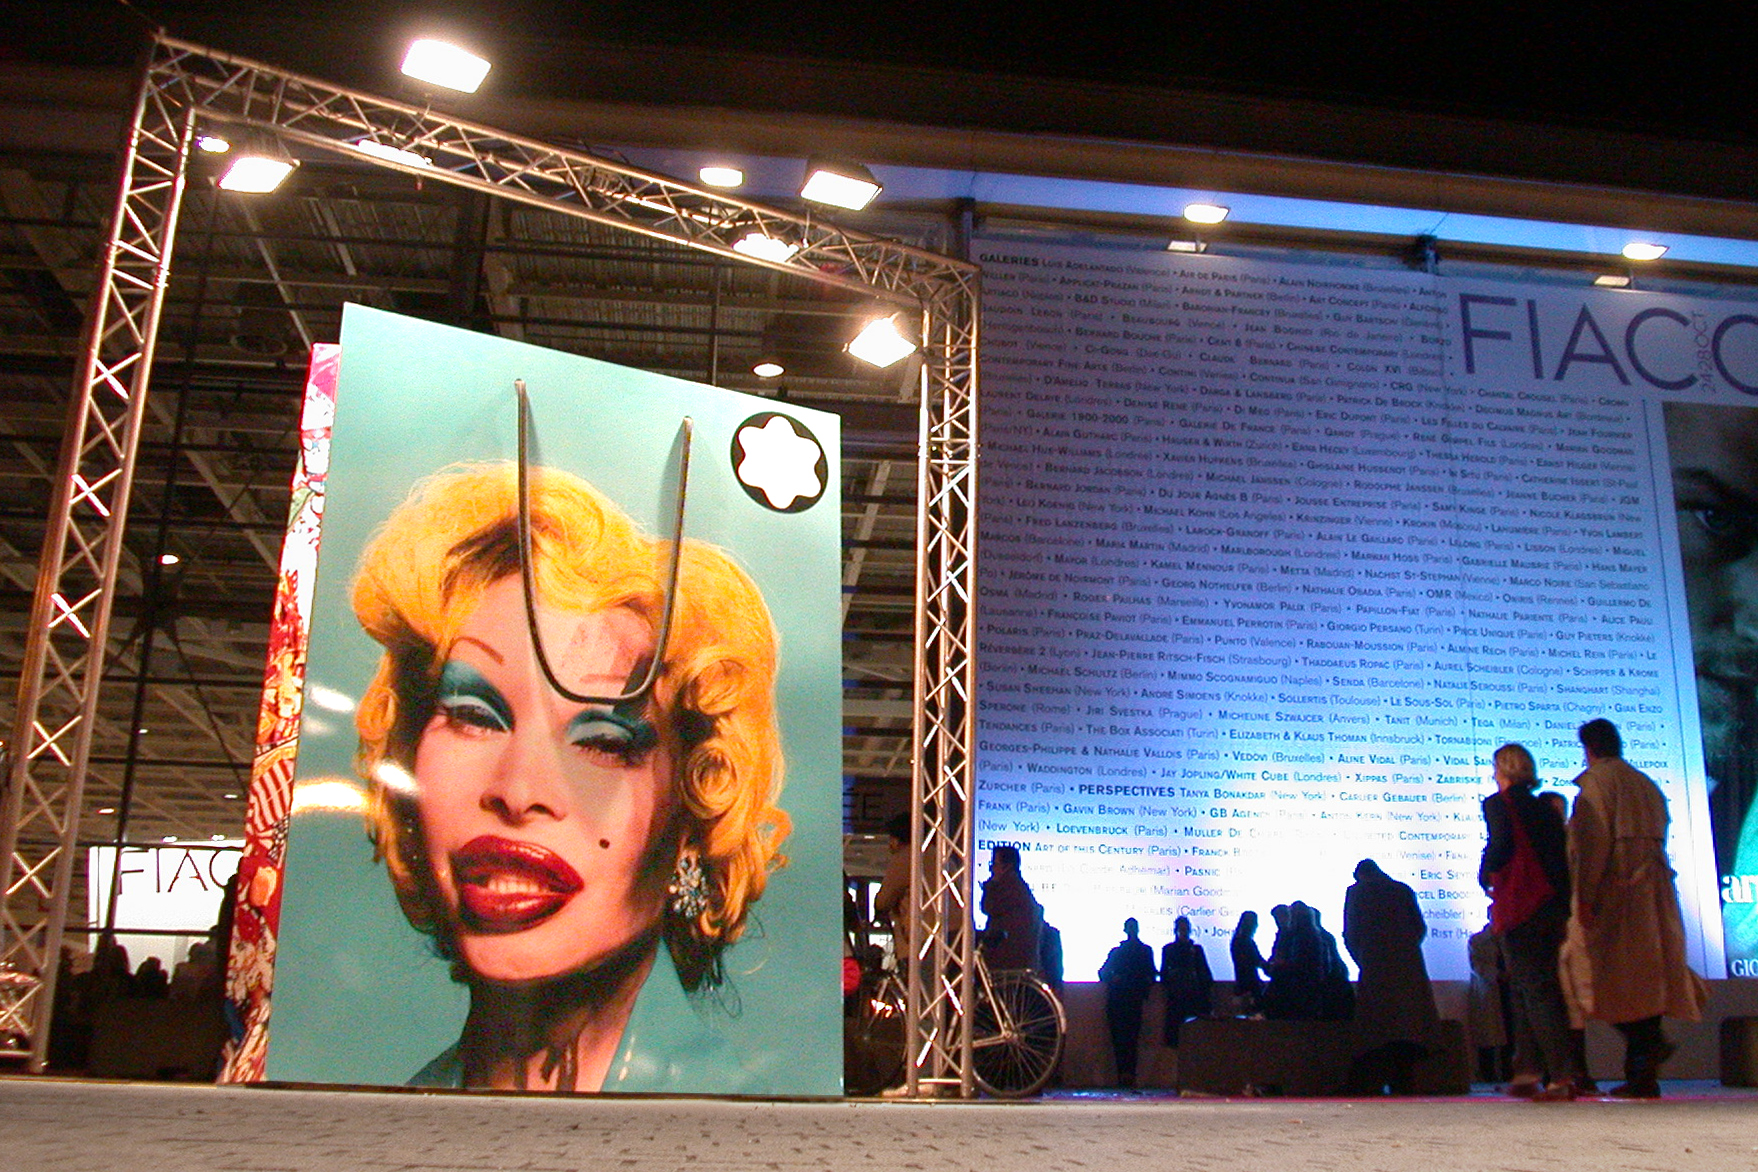 kwod_Ausstellungen_Montblanc_Artbags__Fiac02